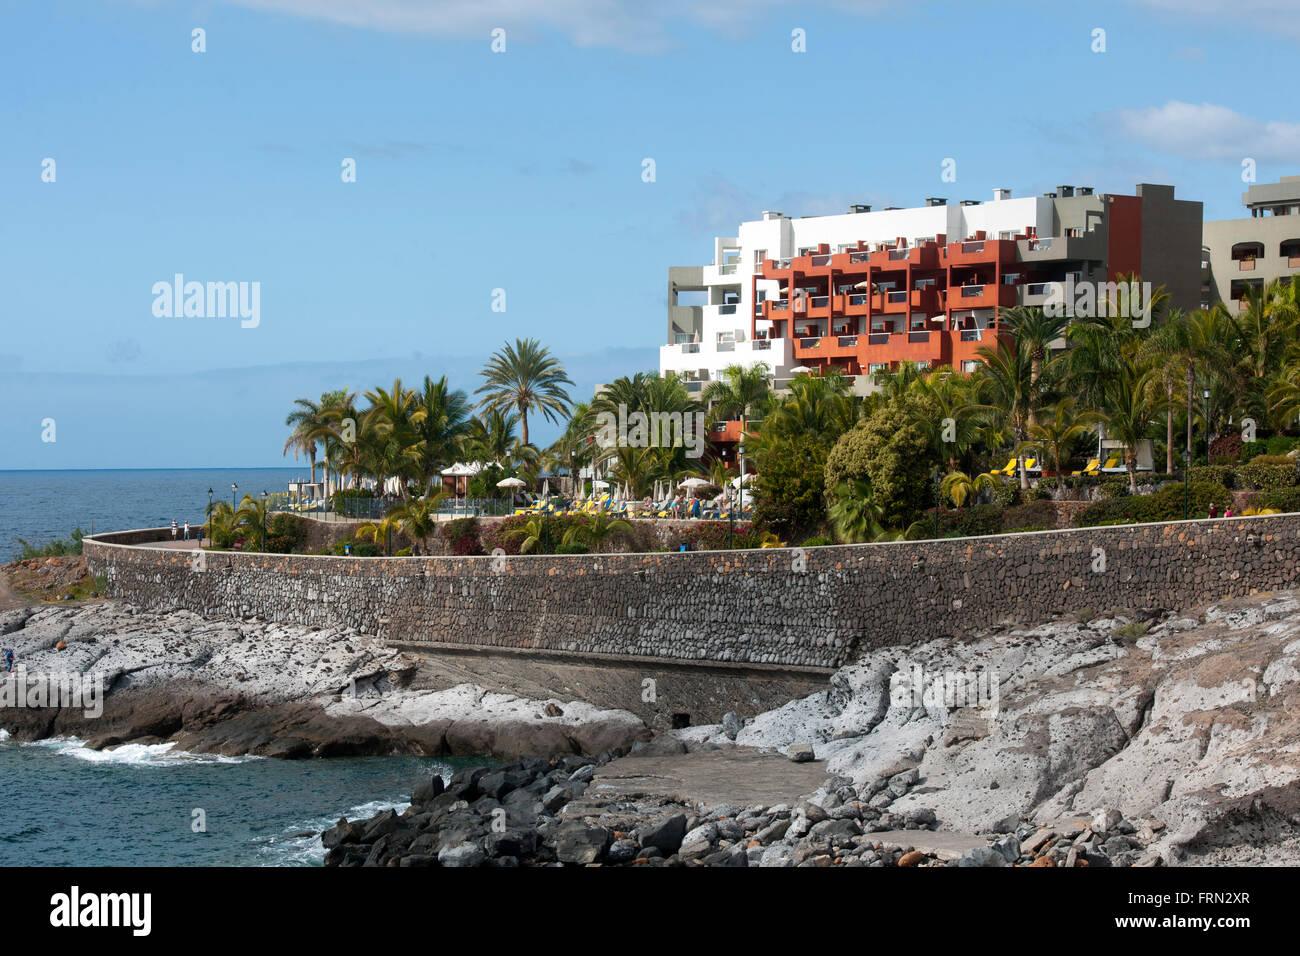 Spanien, Tenerife, Costa Adeje, Playa Paraíso, Hotel Roca Nivaria Imagen De Stock